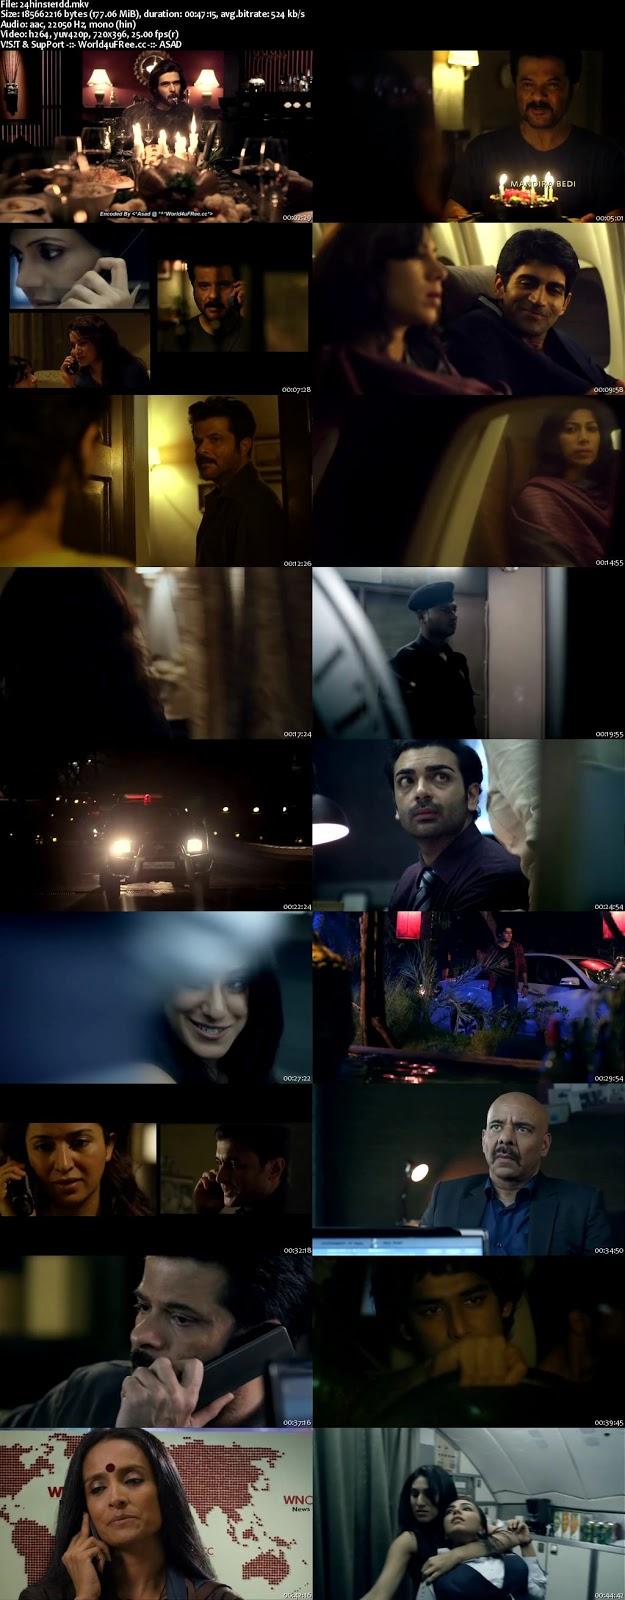 24 india episode 18 download - Cassandras dream full cast